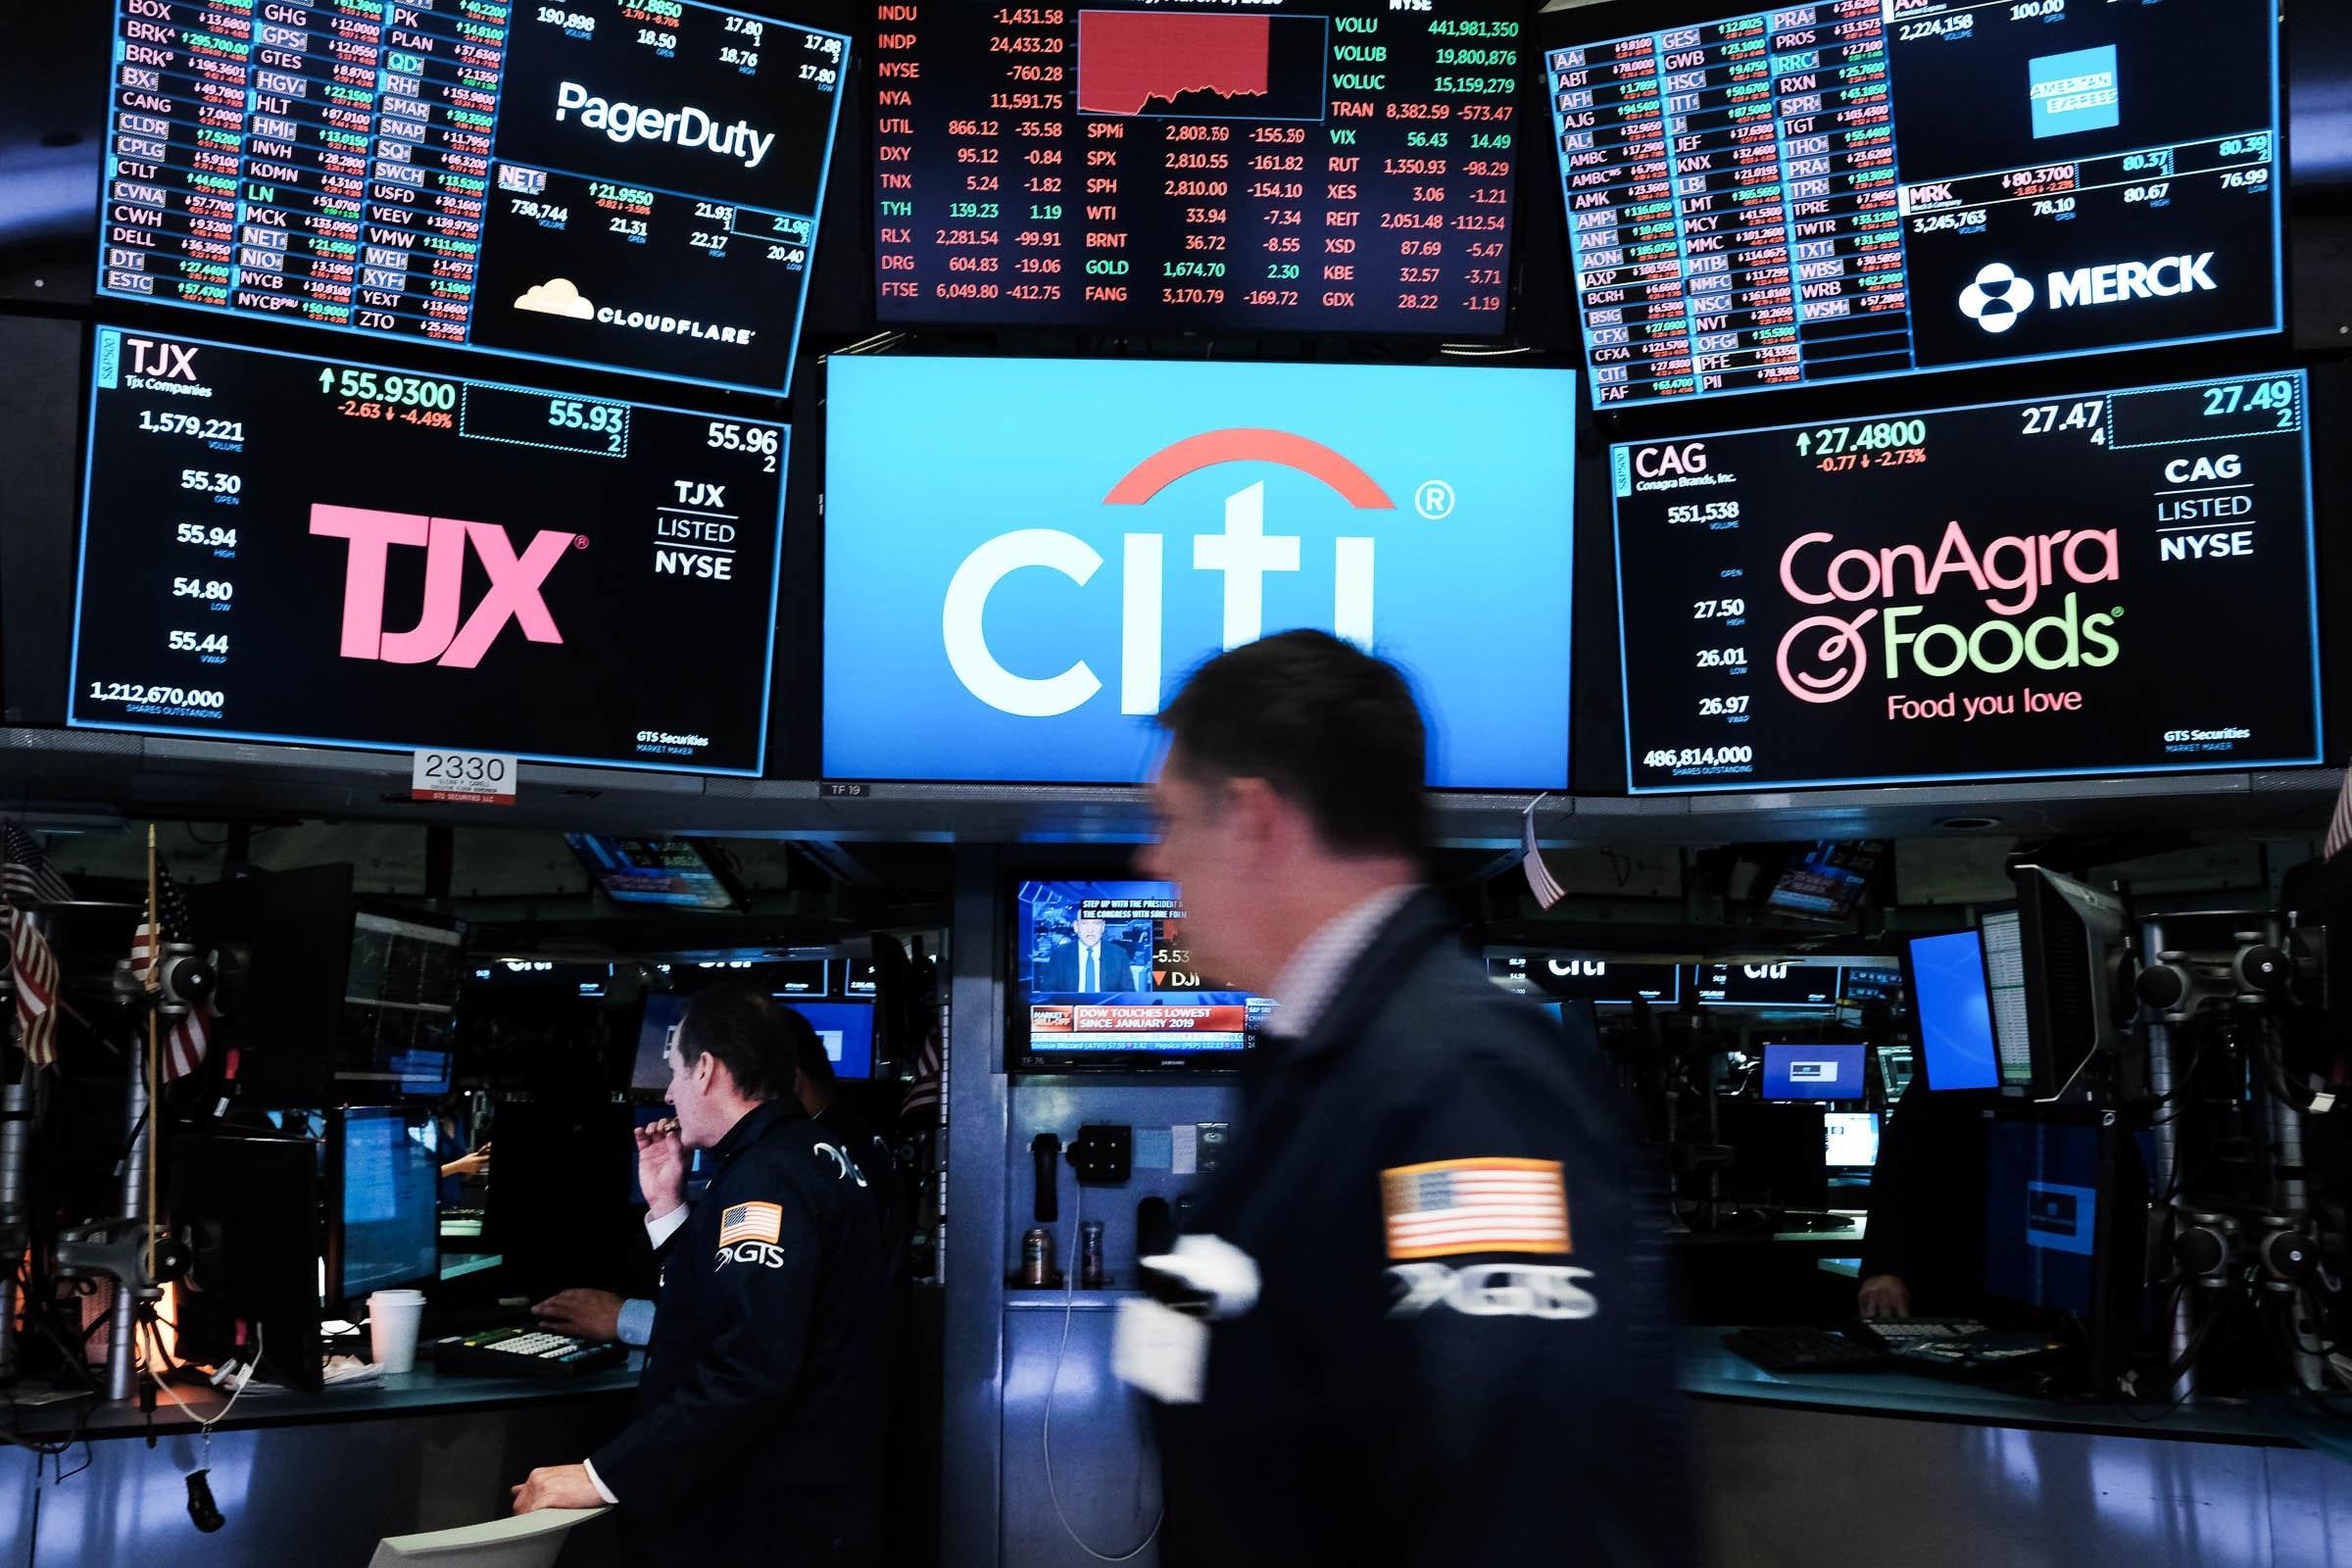 Radnik na Njujorškoj berzi prolazi pored ekrana na kojima su prikazane akcije kompanija (Foto: SPENCER PLATT/GETTY IMAGES)